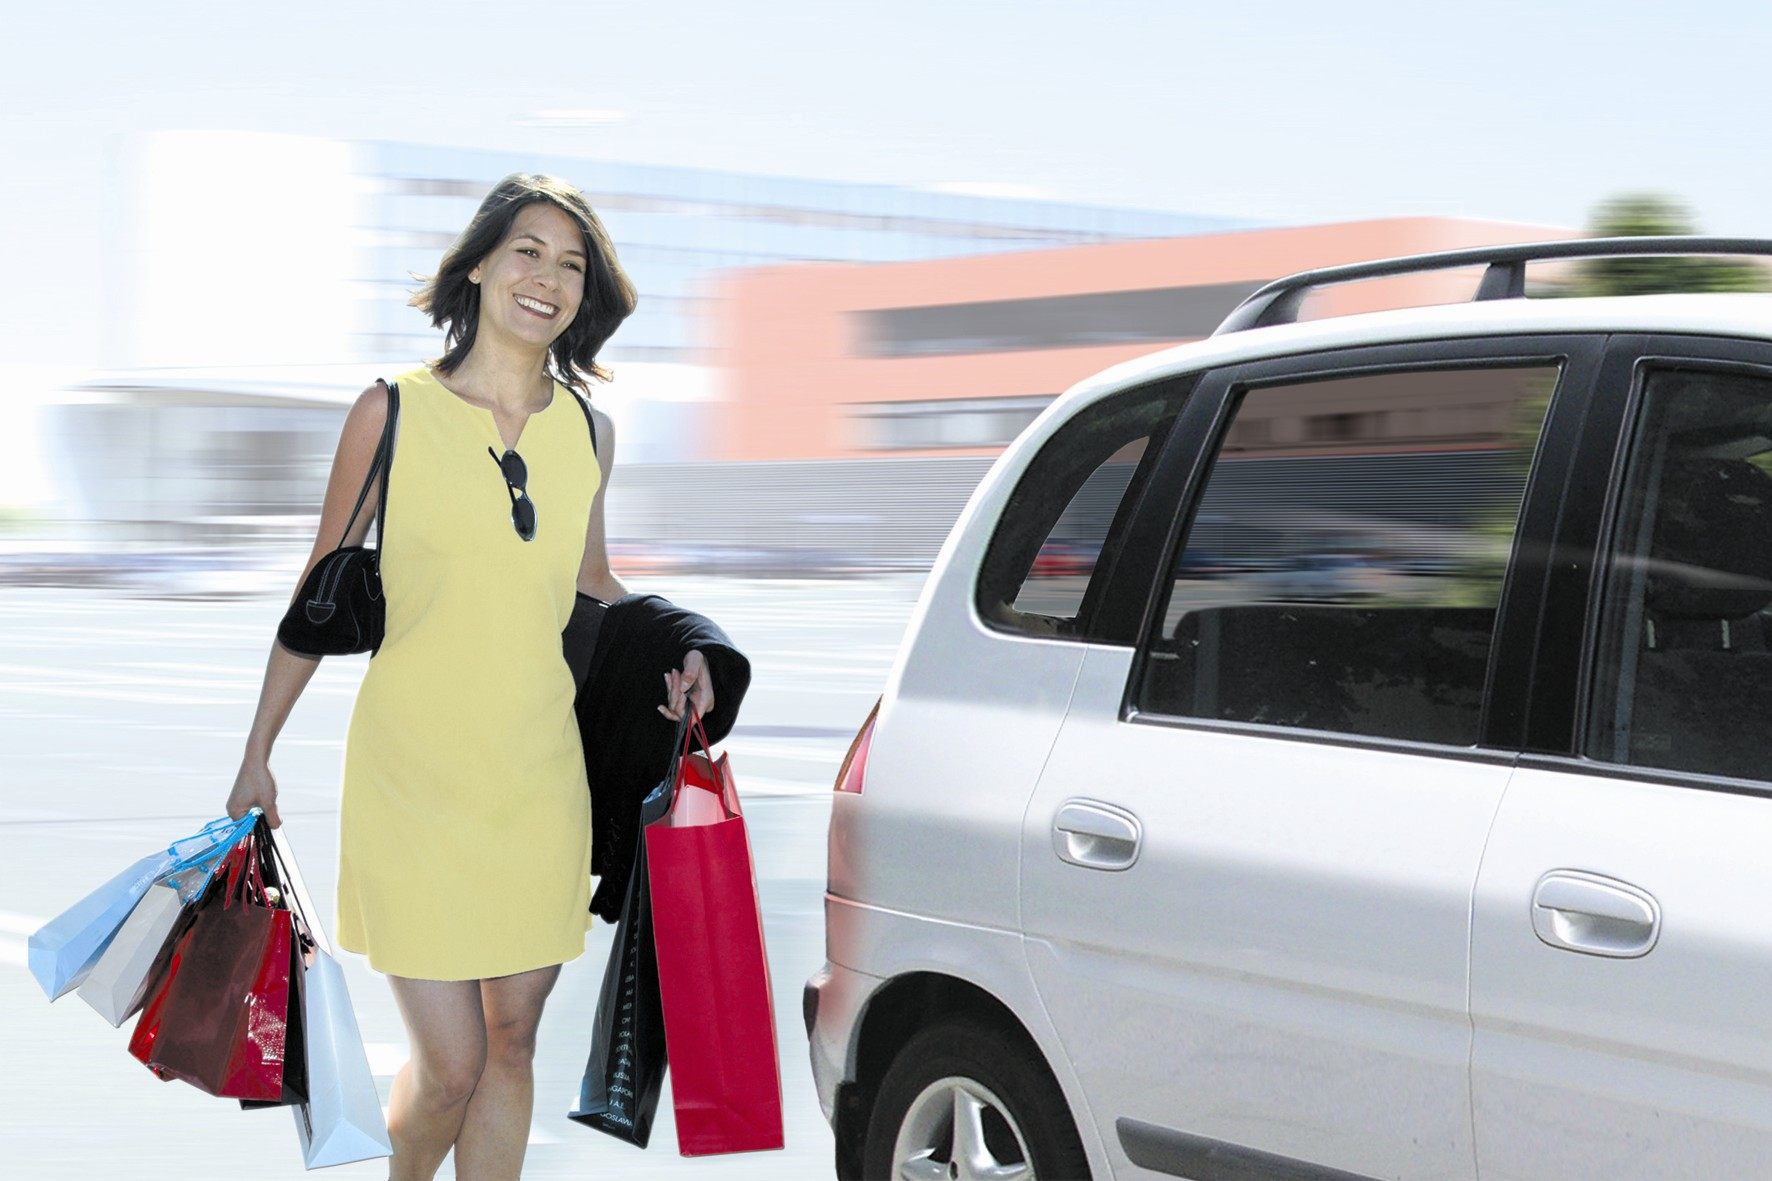 Auto elektronisch geknackt: Versicherung muss nicht zahlen